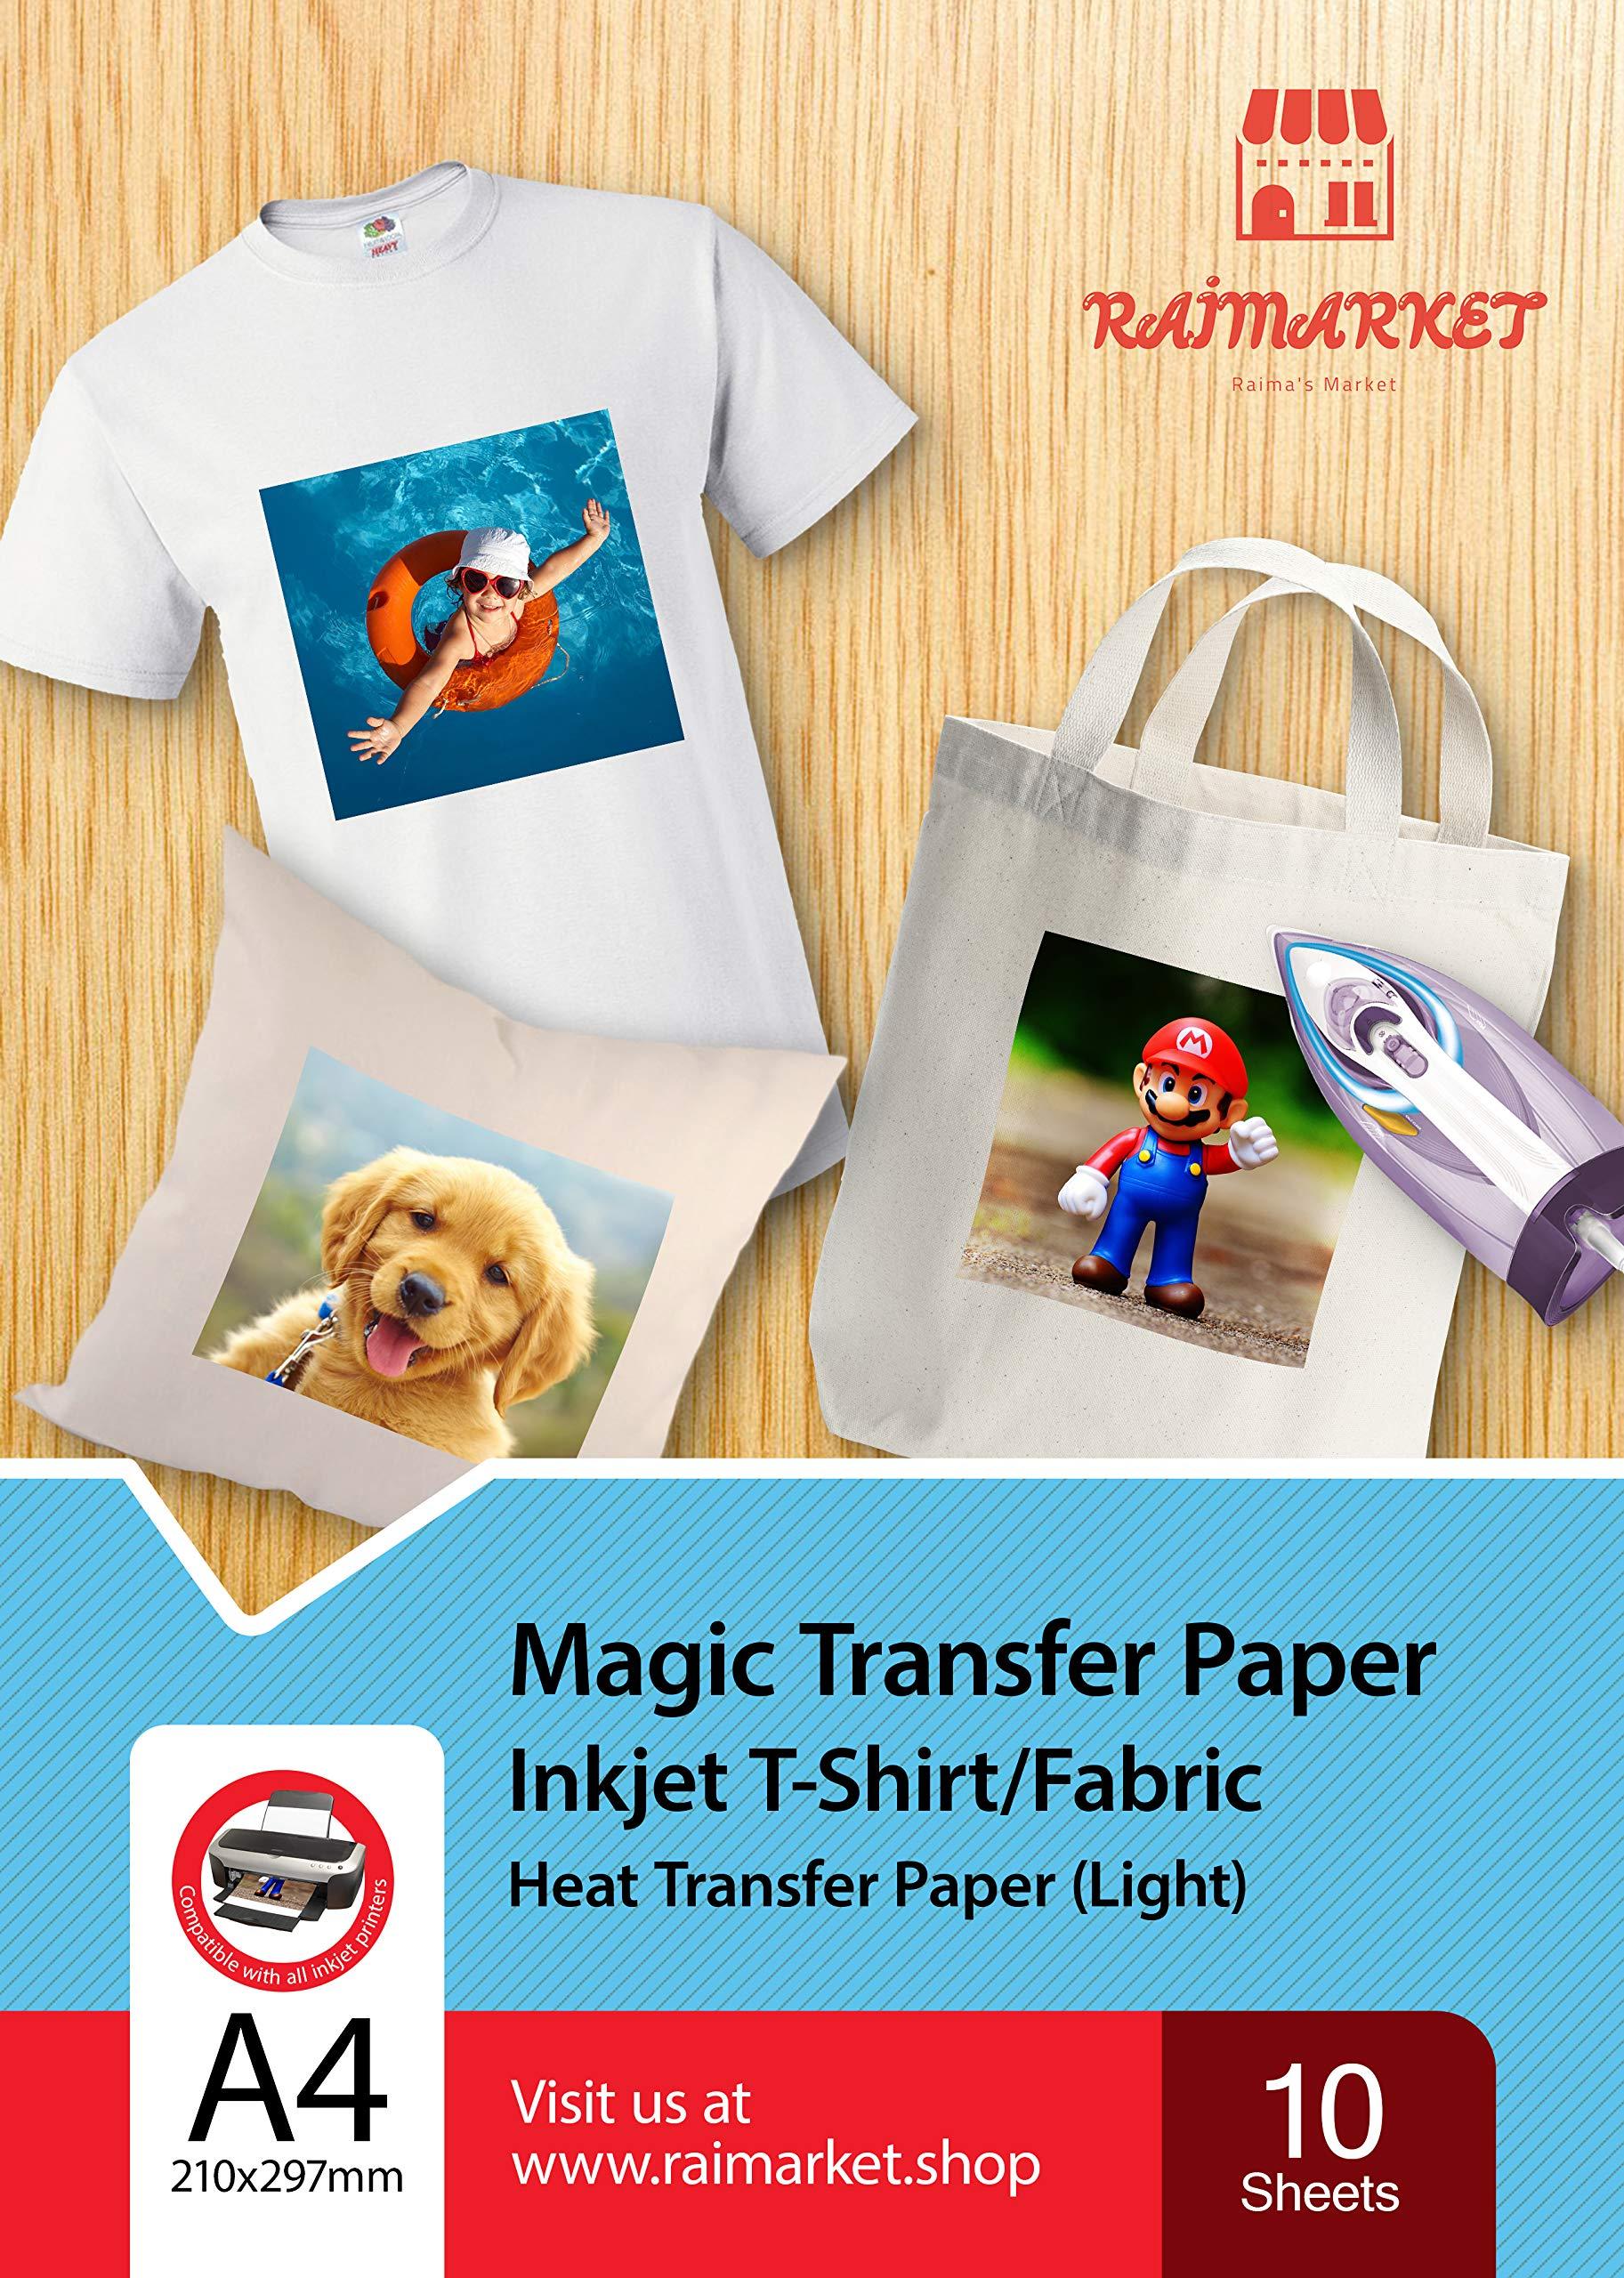 Hierro sobre papel de transferencia para tela claras, blancas y transparente (Magic Paper) de Raimarket   10 hojas   Transferencia de hierro A4 para inyección de tinta en papel / camisetas: Amazon.es: